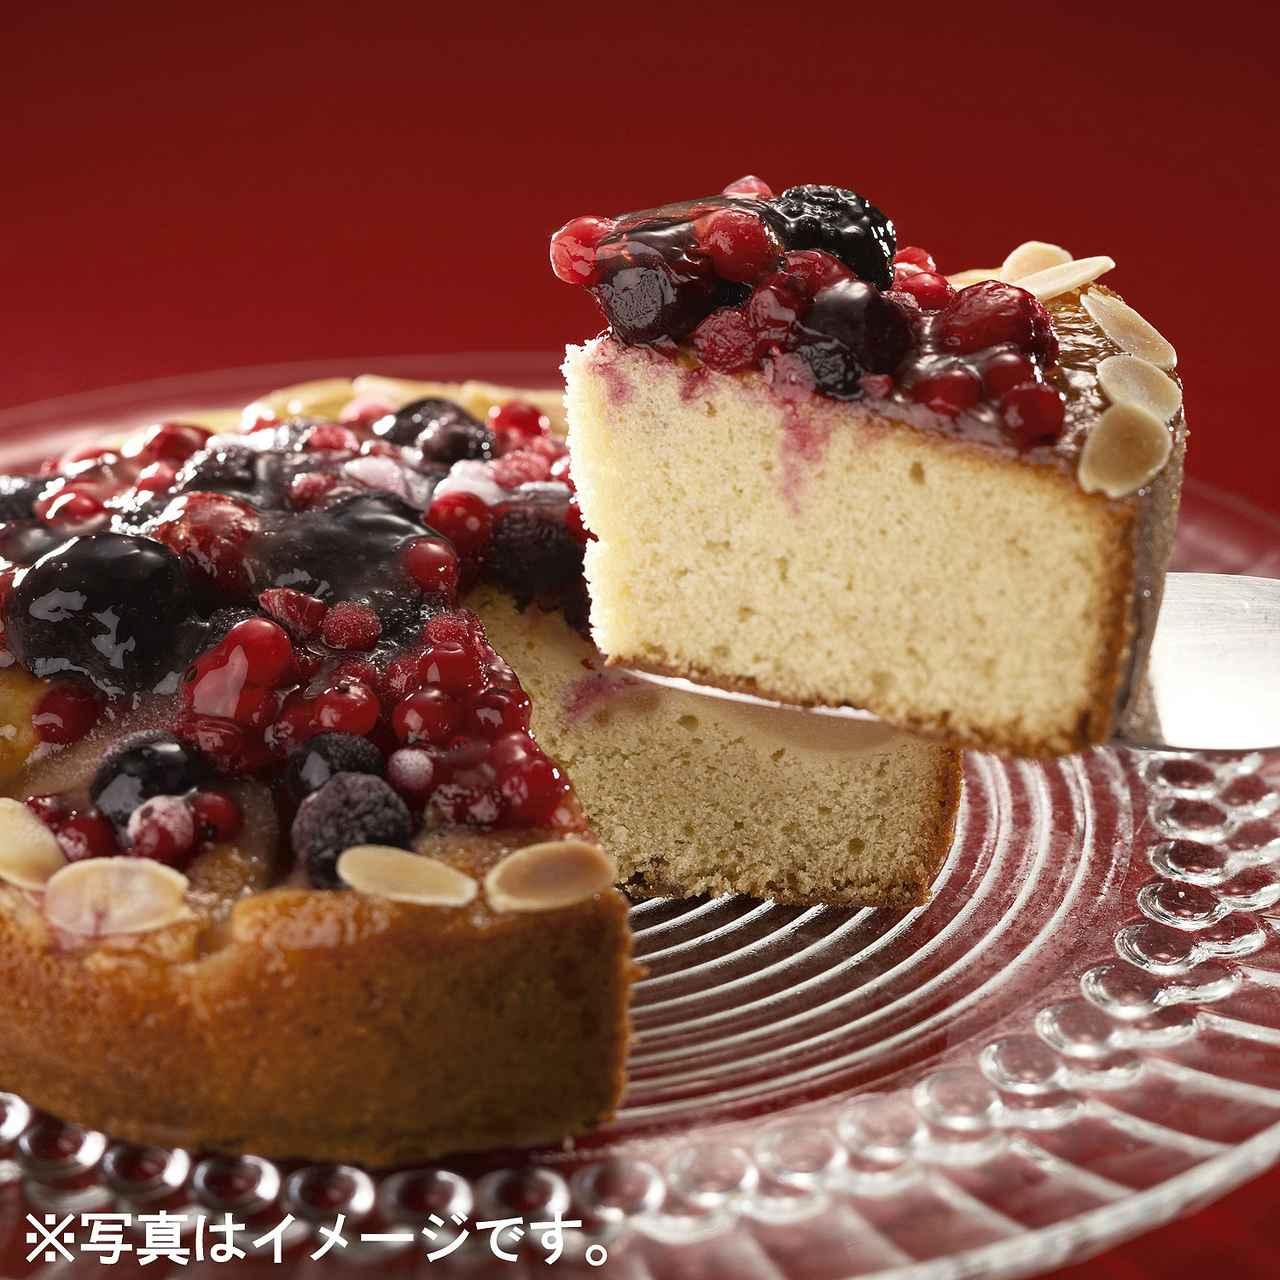 画像: フルーツケーキ ★ I074-022(60-ITC180619) | ギフト通販なら東急百貨店ネットショッピング